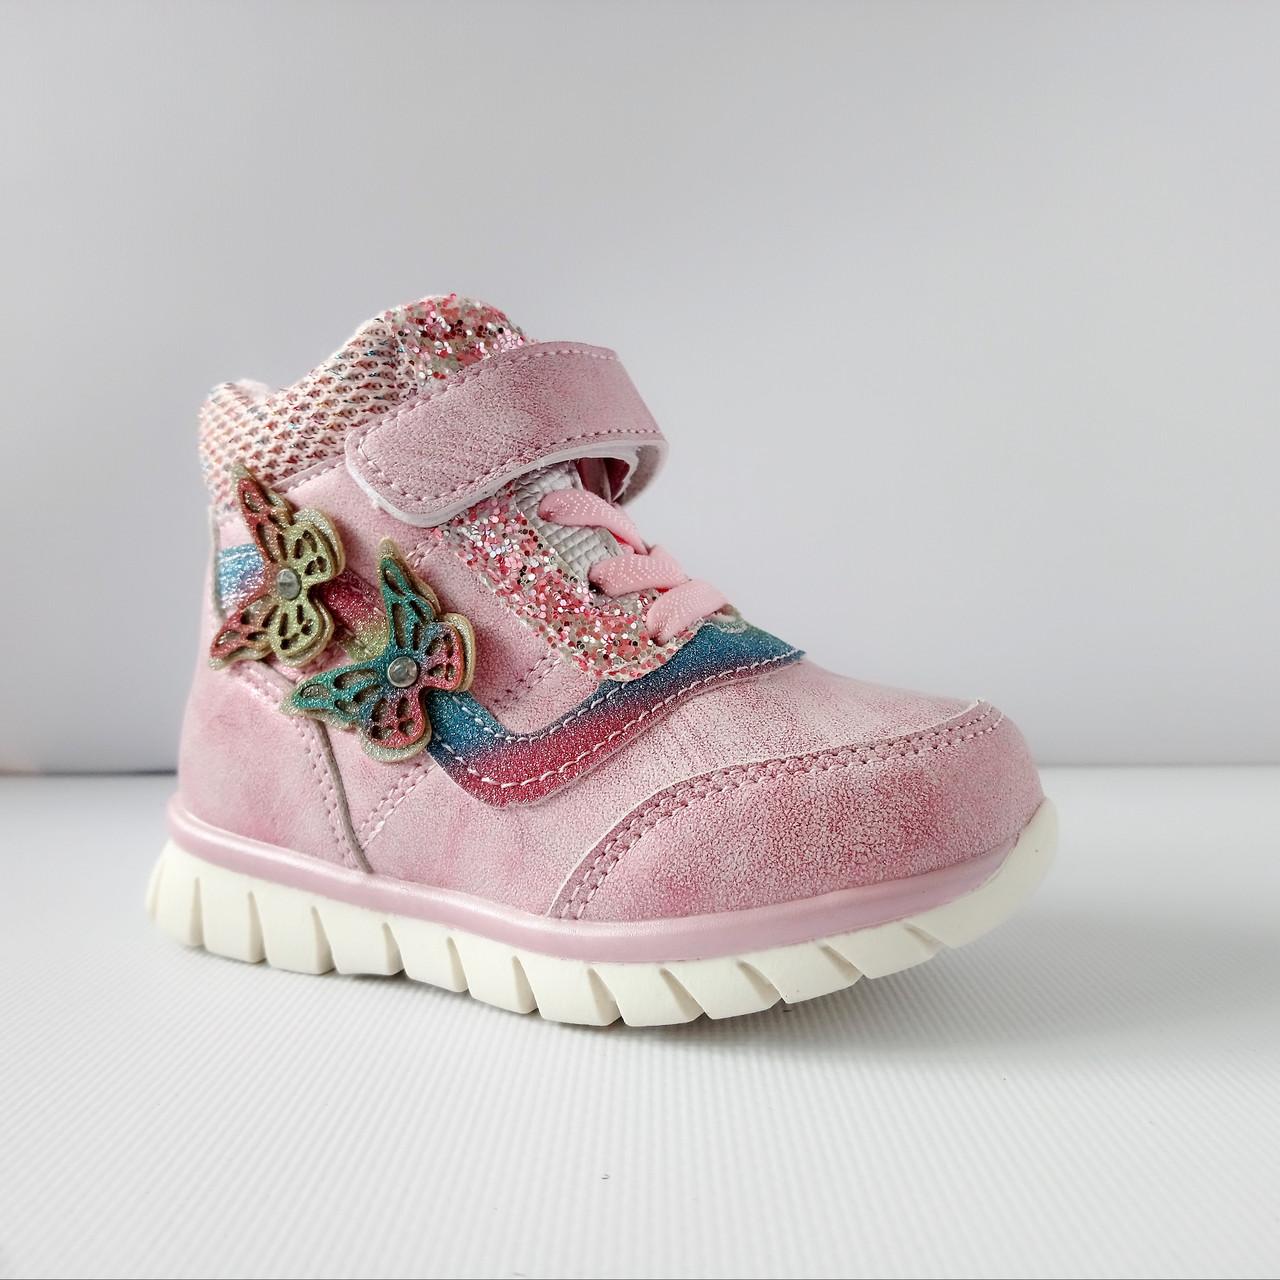 Теплые деми ботинки девочкам, р. 26 (16,5 см)